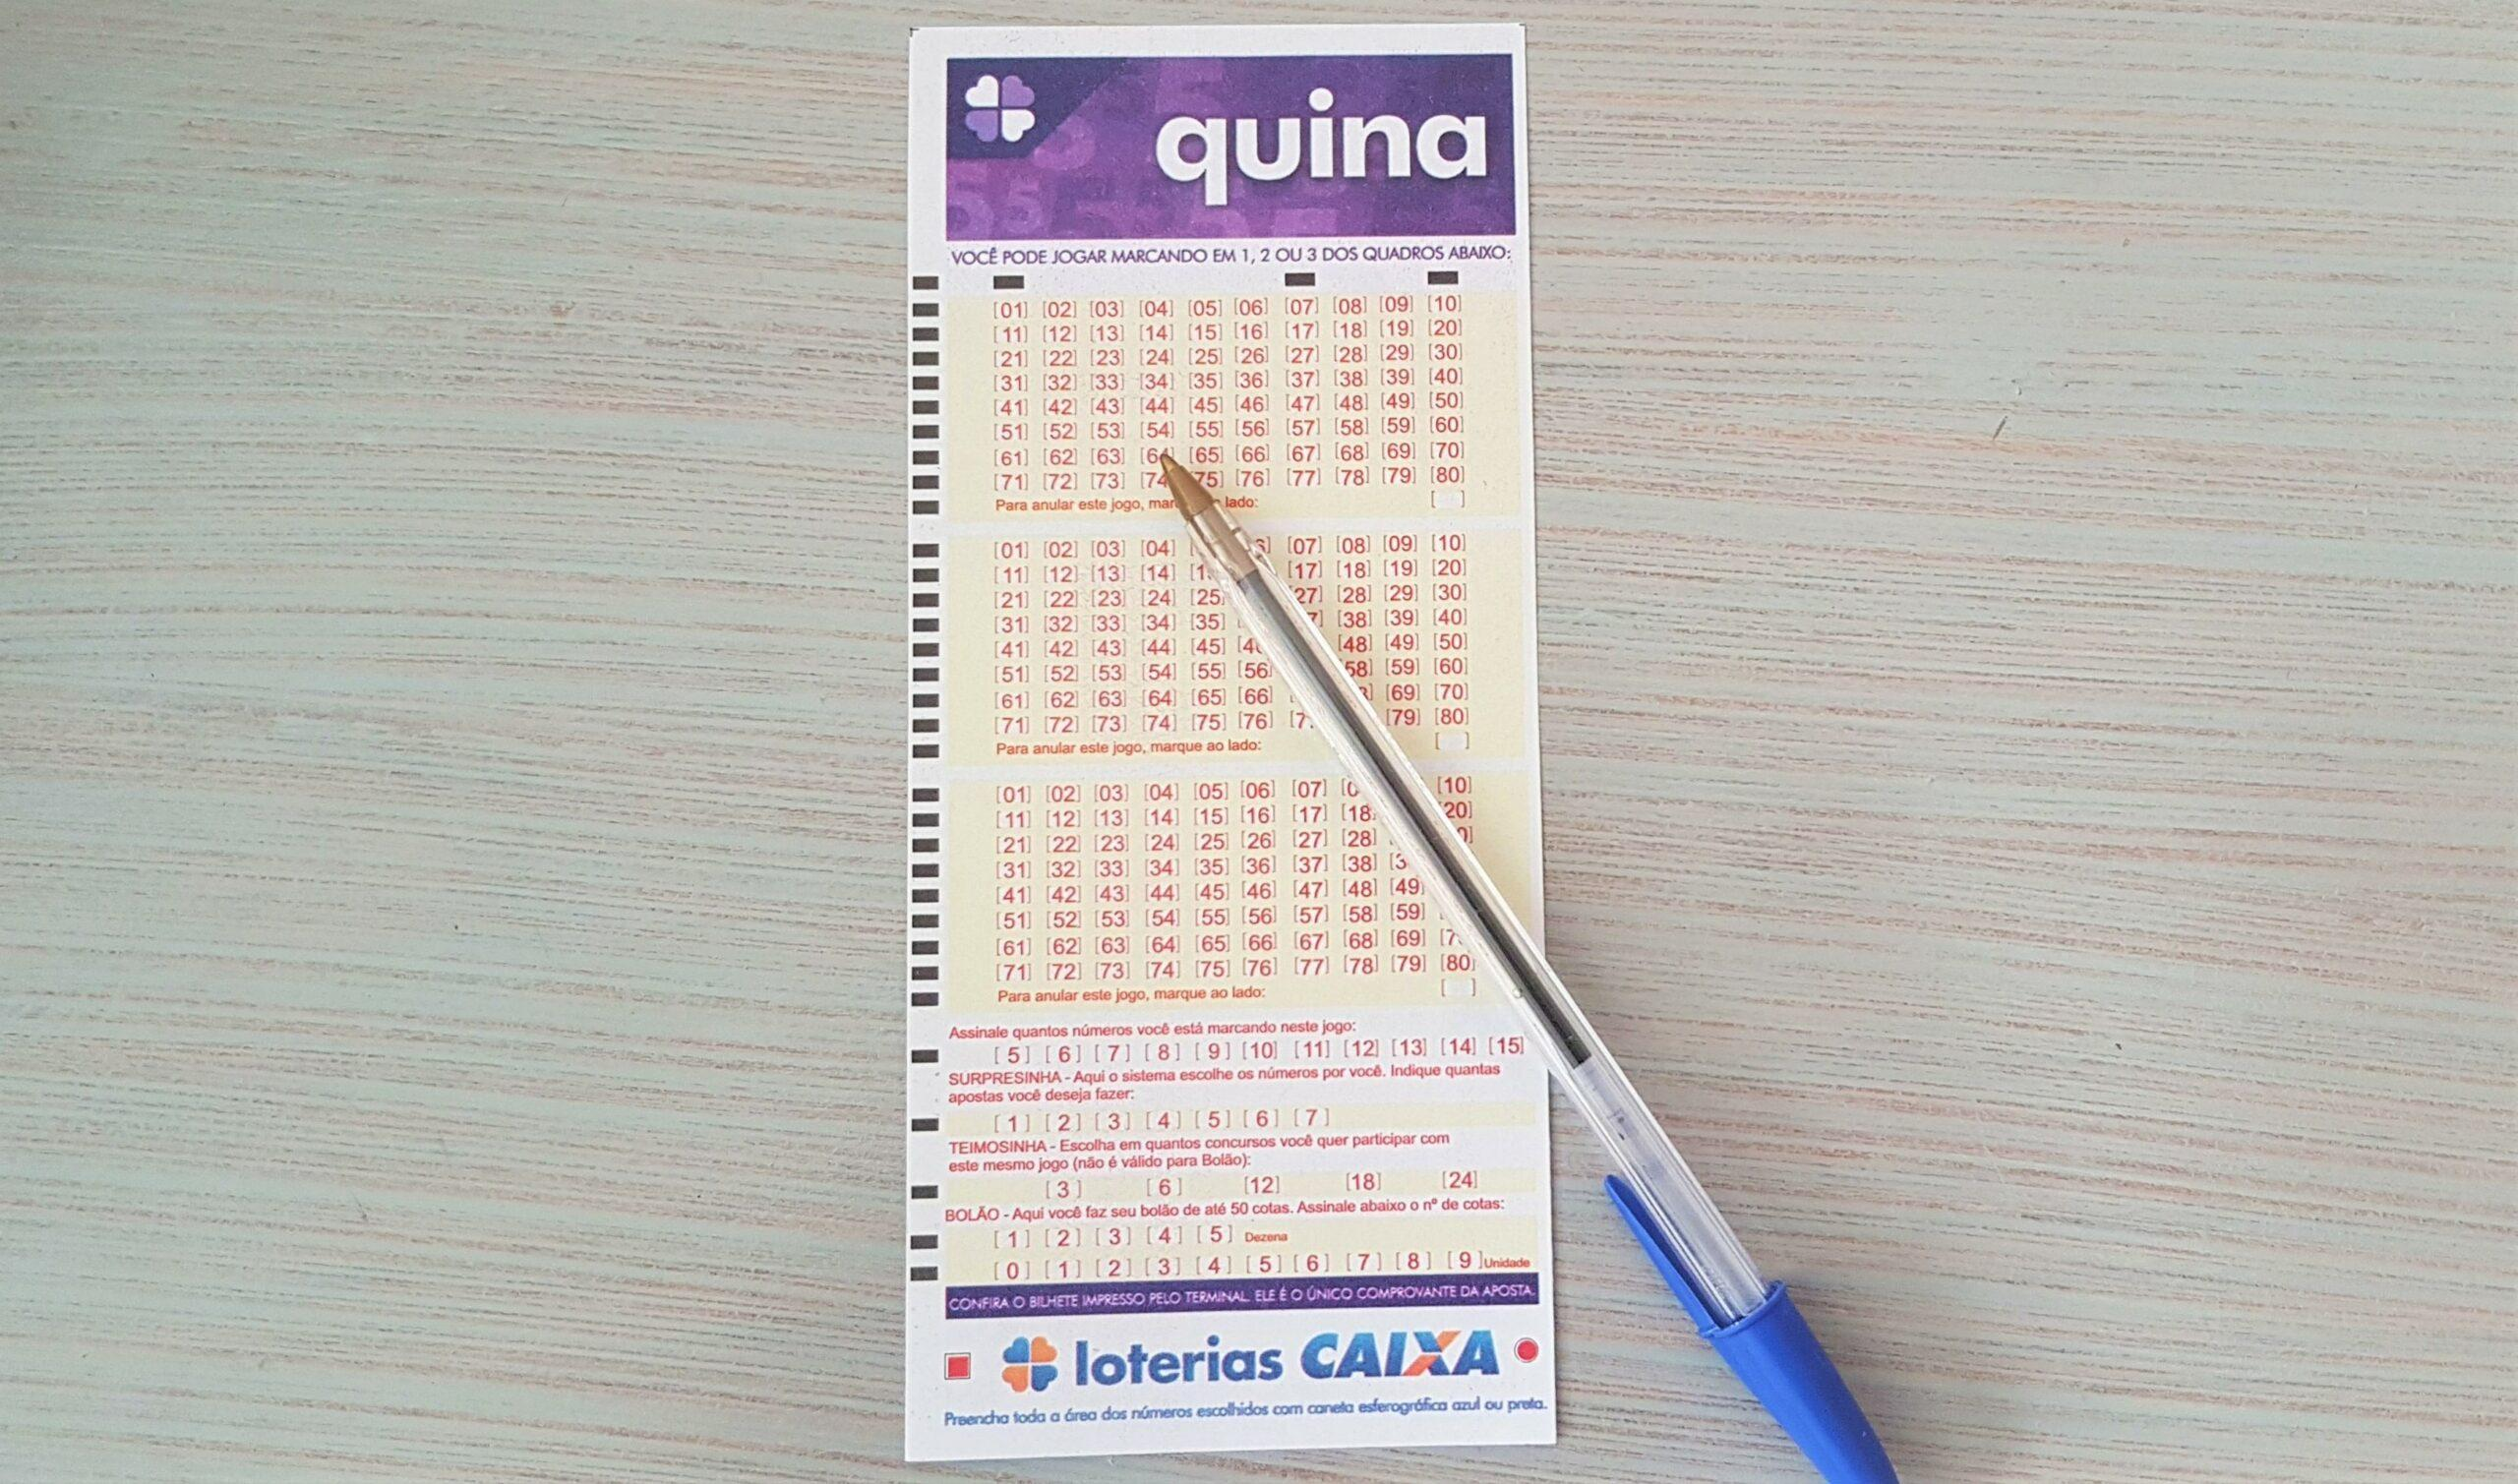 resultado da quina 5433 - A imagem mostra um volante da Quina e uma caneta